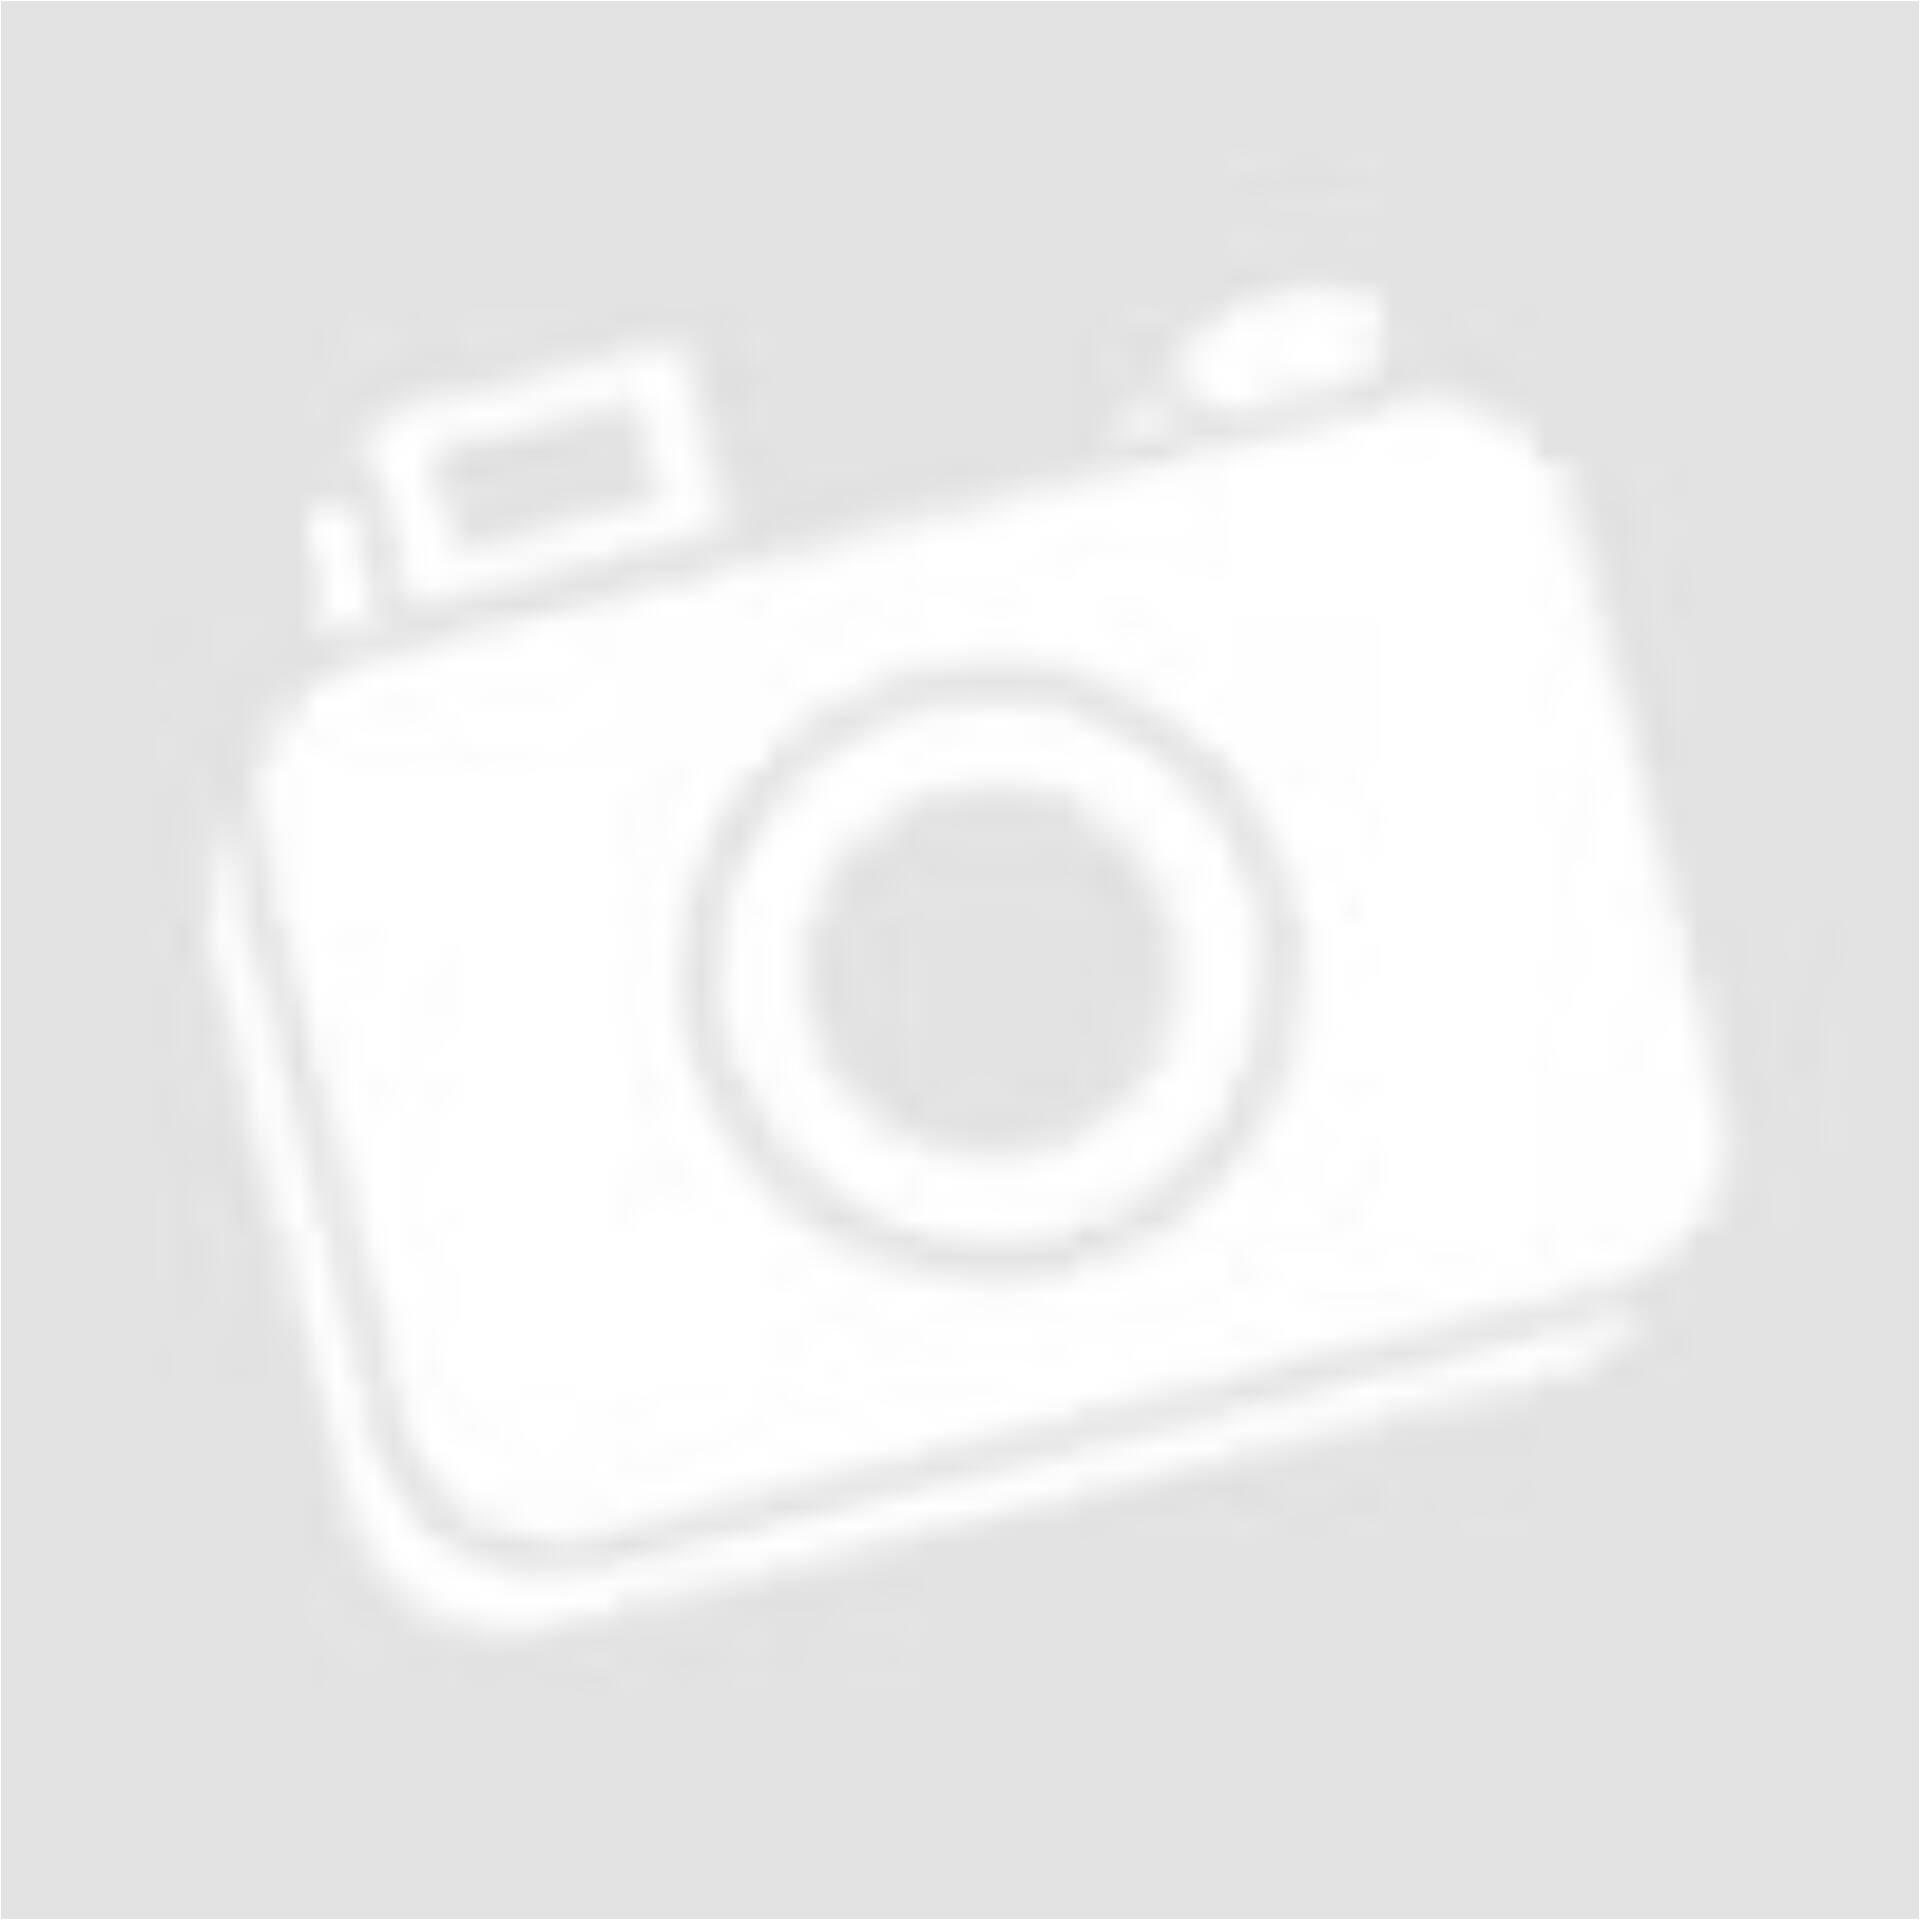 3f905ce9f9 FER színes kockás blézer (Méret: M) - Női dzseki, kabát, blézer ...